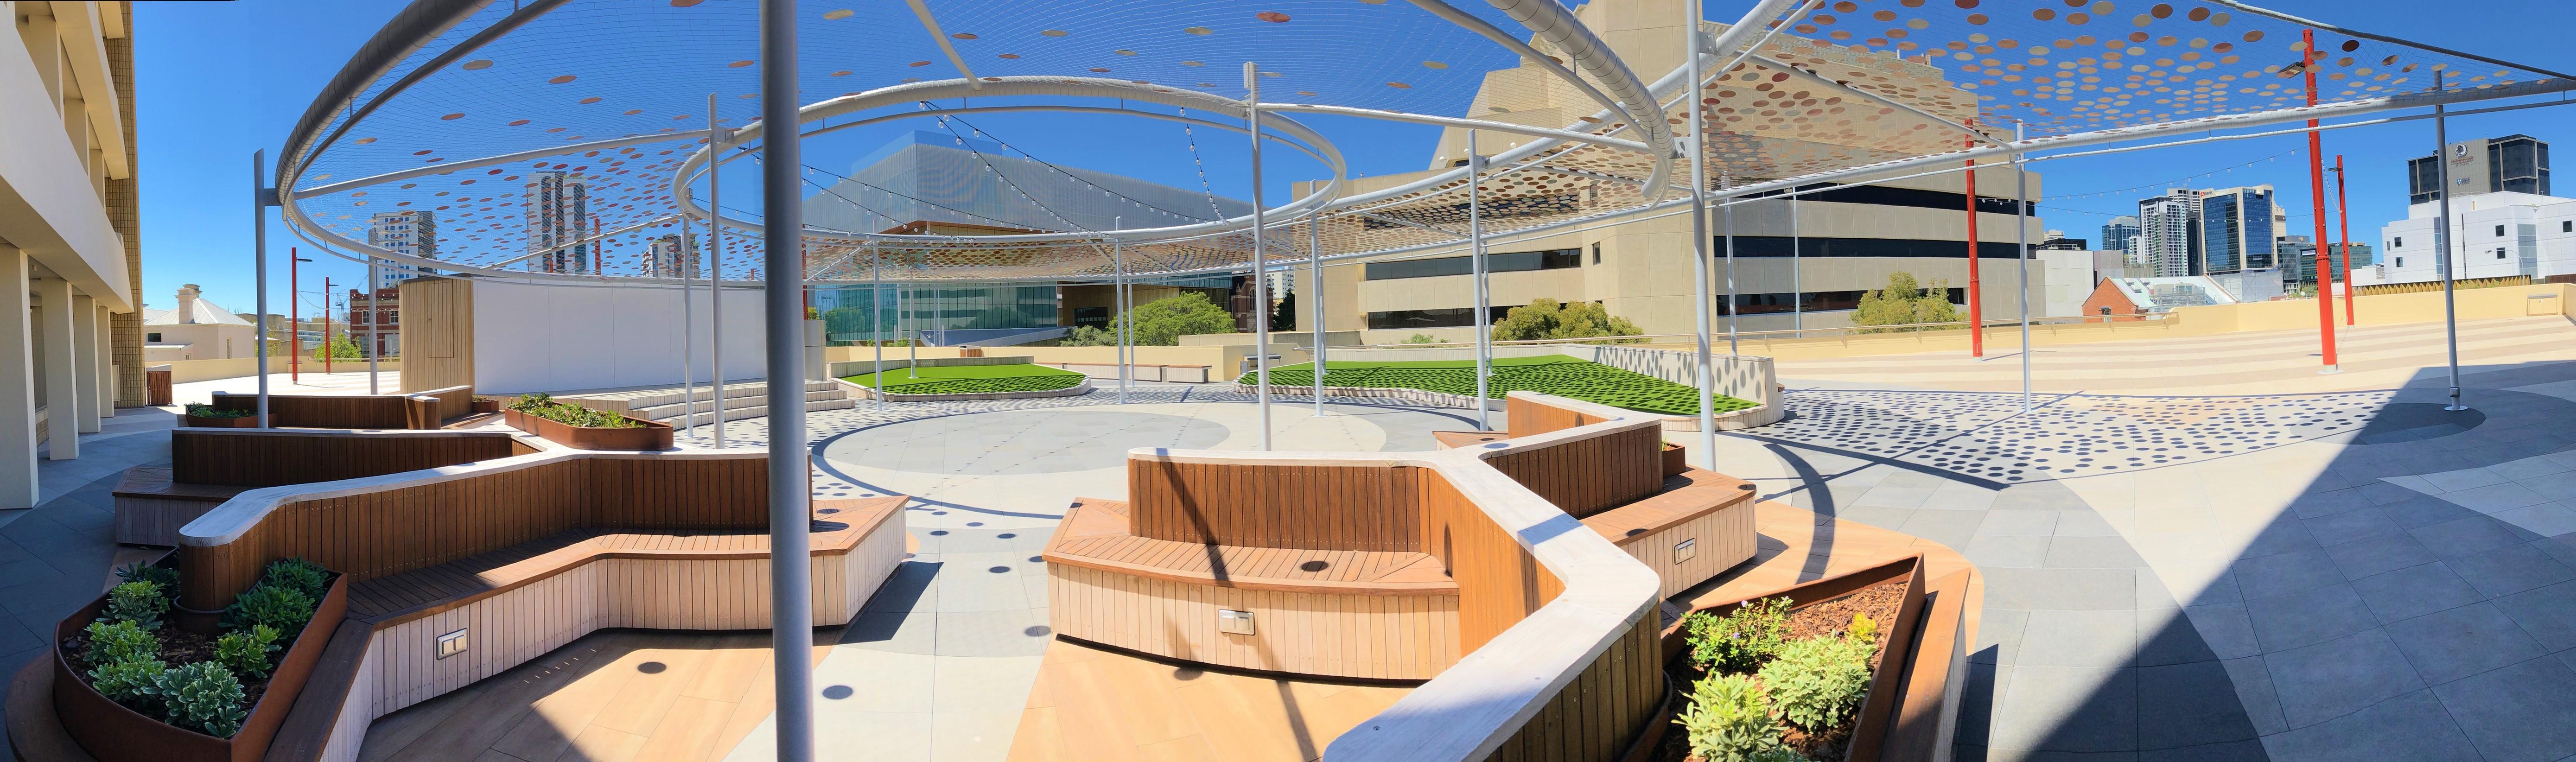 TAFE Rooftop - Panorama 4